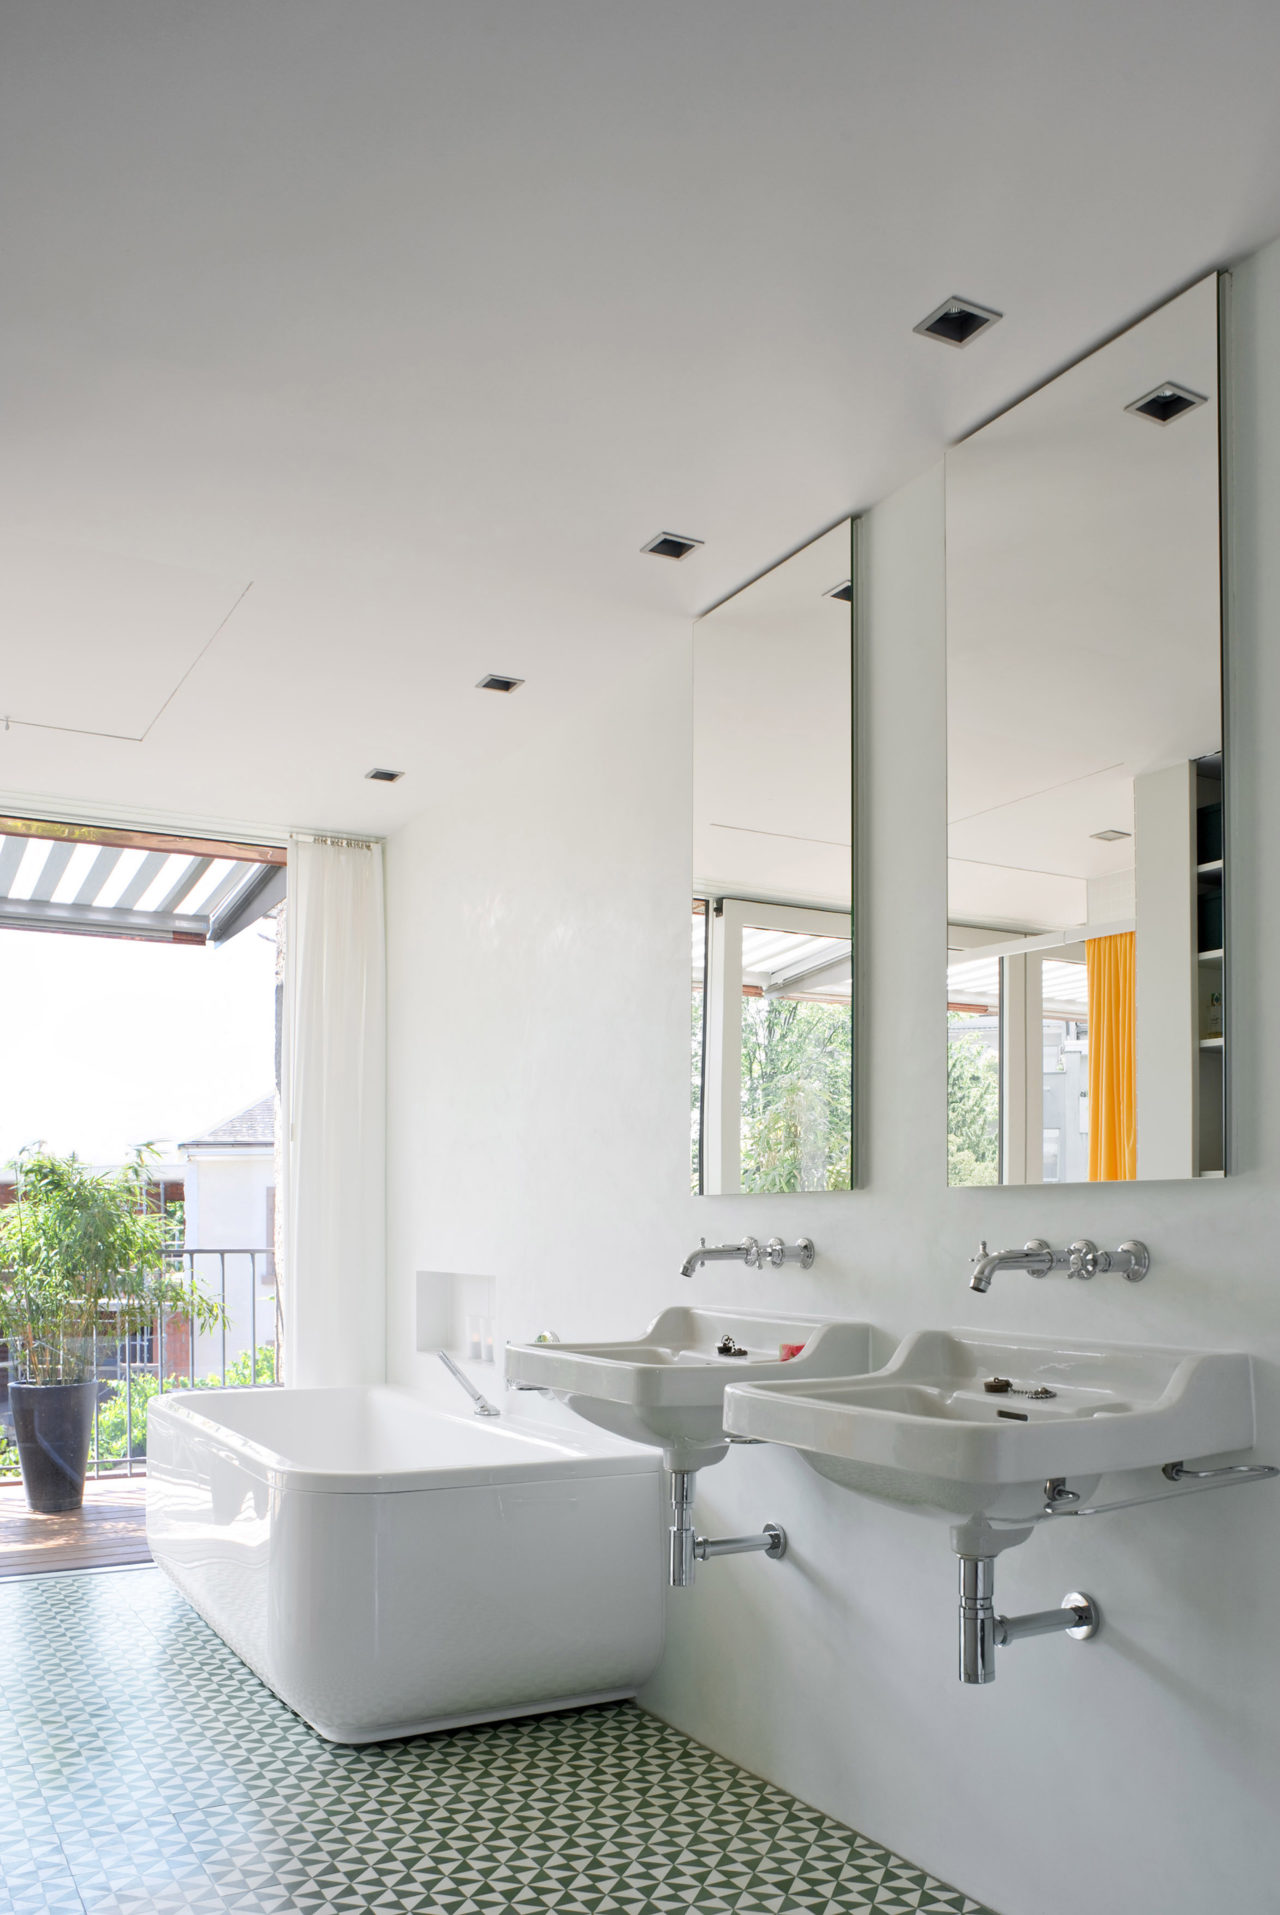 Neues Bad im Dachgeschoss nach Umbau und Ausbau von Architekturbüro Forsberg in Basel